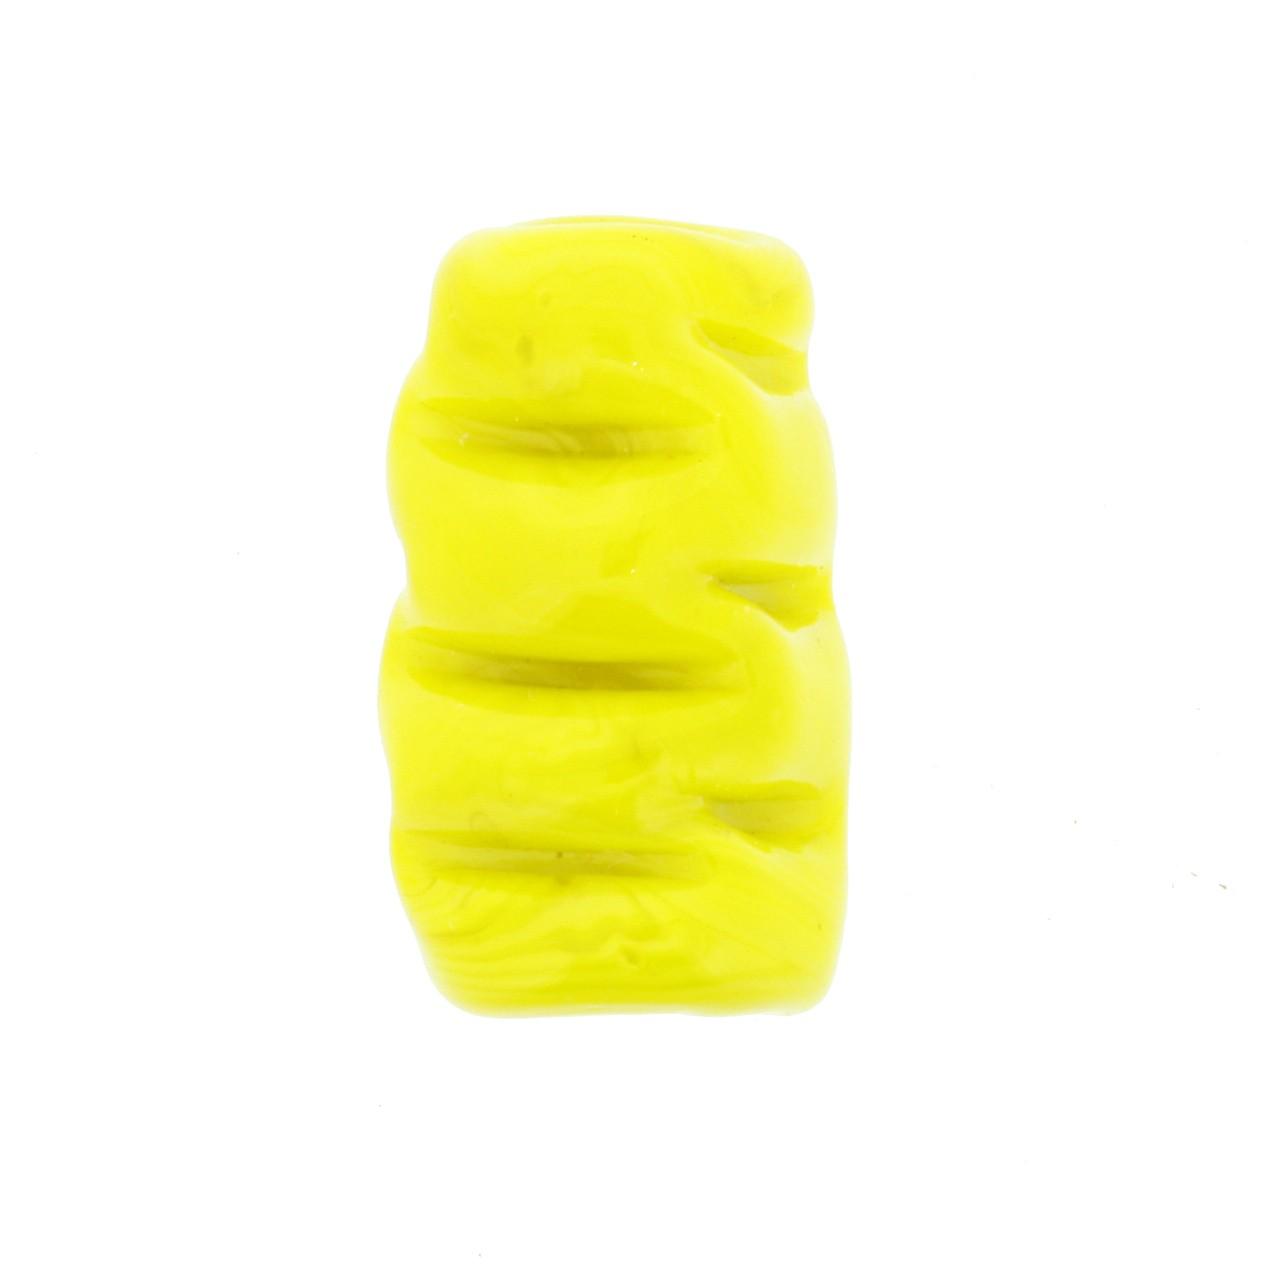 Firma de Vidro Frisada - Amarela  - Universo Religioso® - Artigos de Umbanda e Candomblé